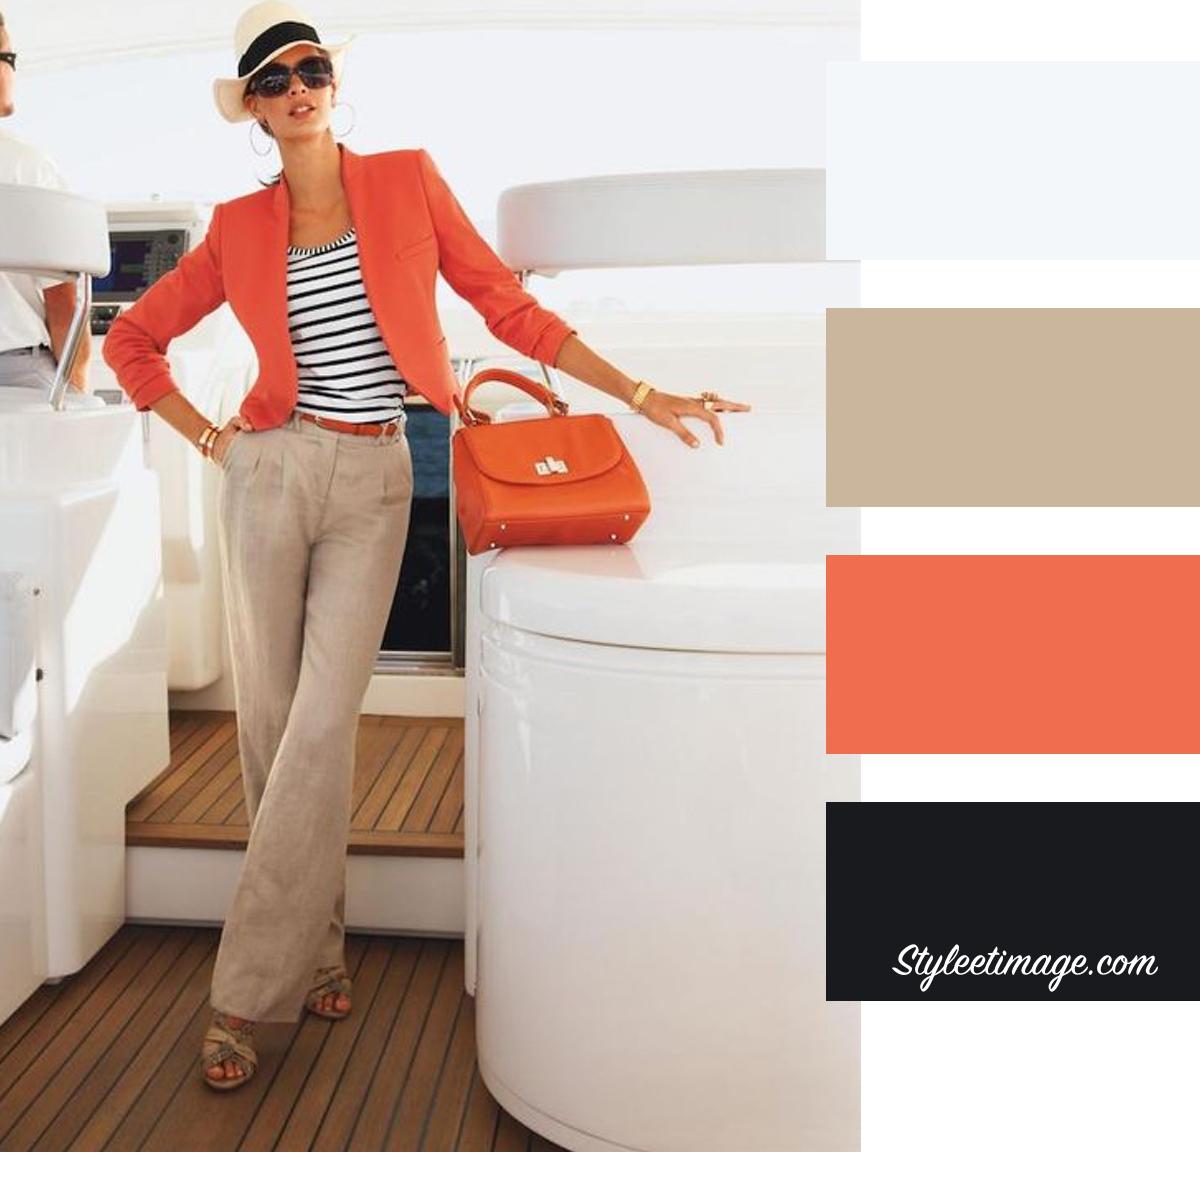 Couleur Qui Va Avec Le Beige 15 idées pour associer les couleurs de vos vêtements |